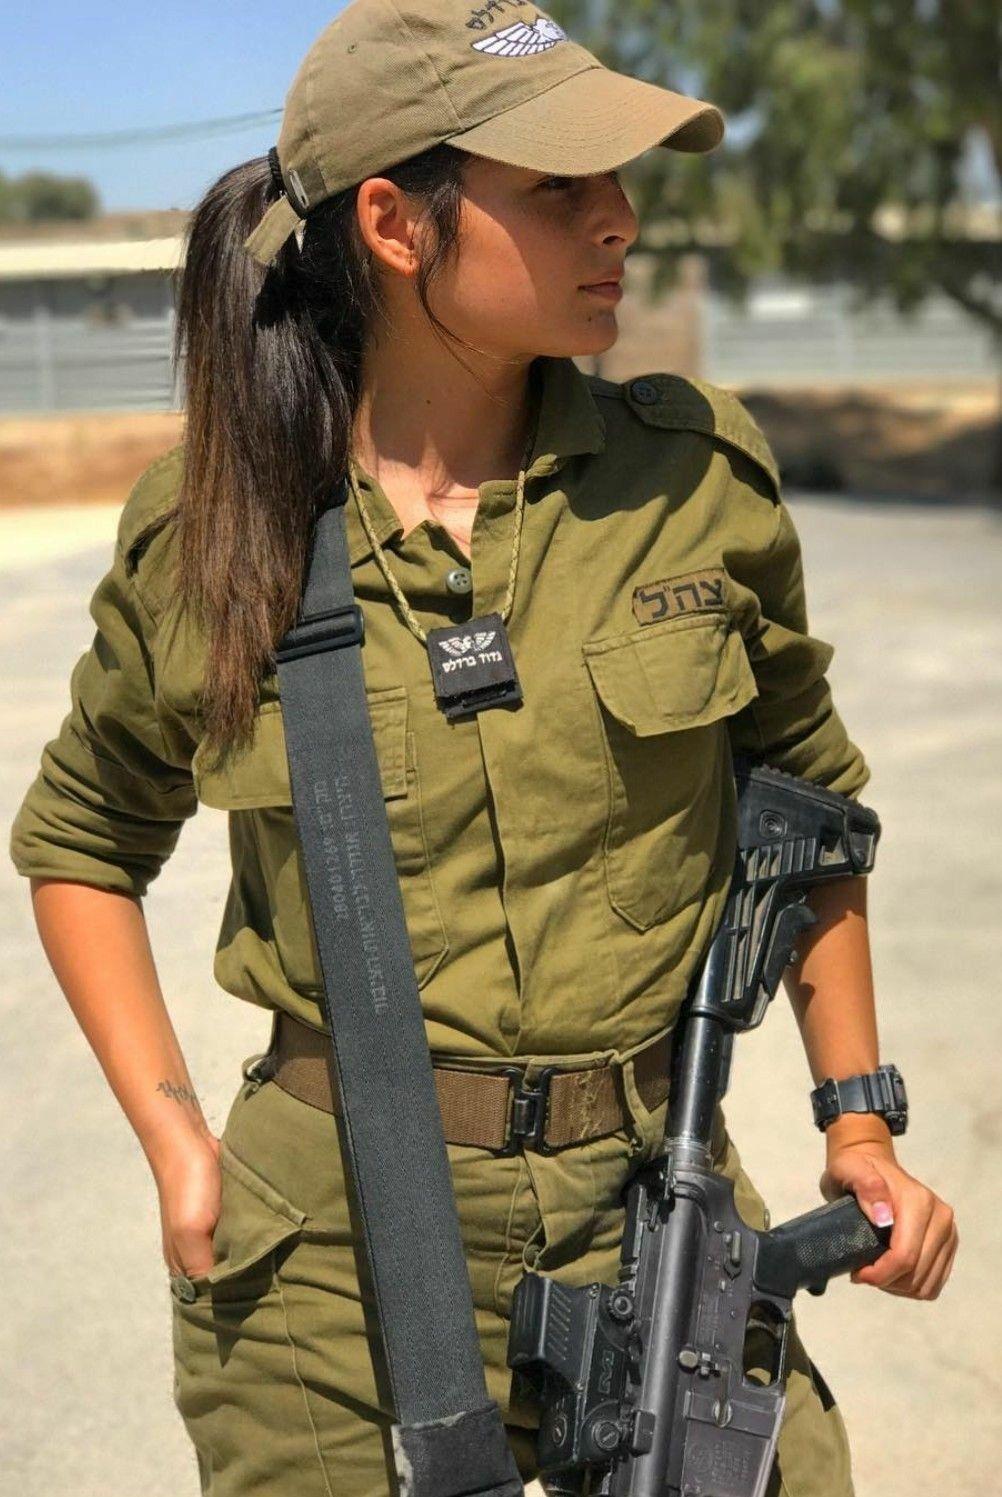 Trainer840 Idf Israeli Defense Forces   Israeli Girls -7709